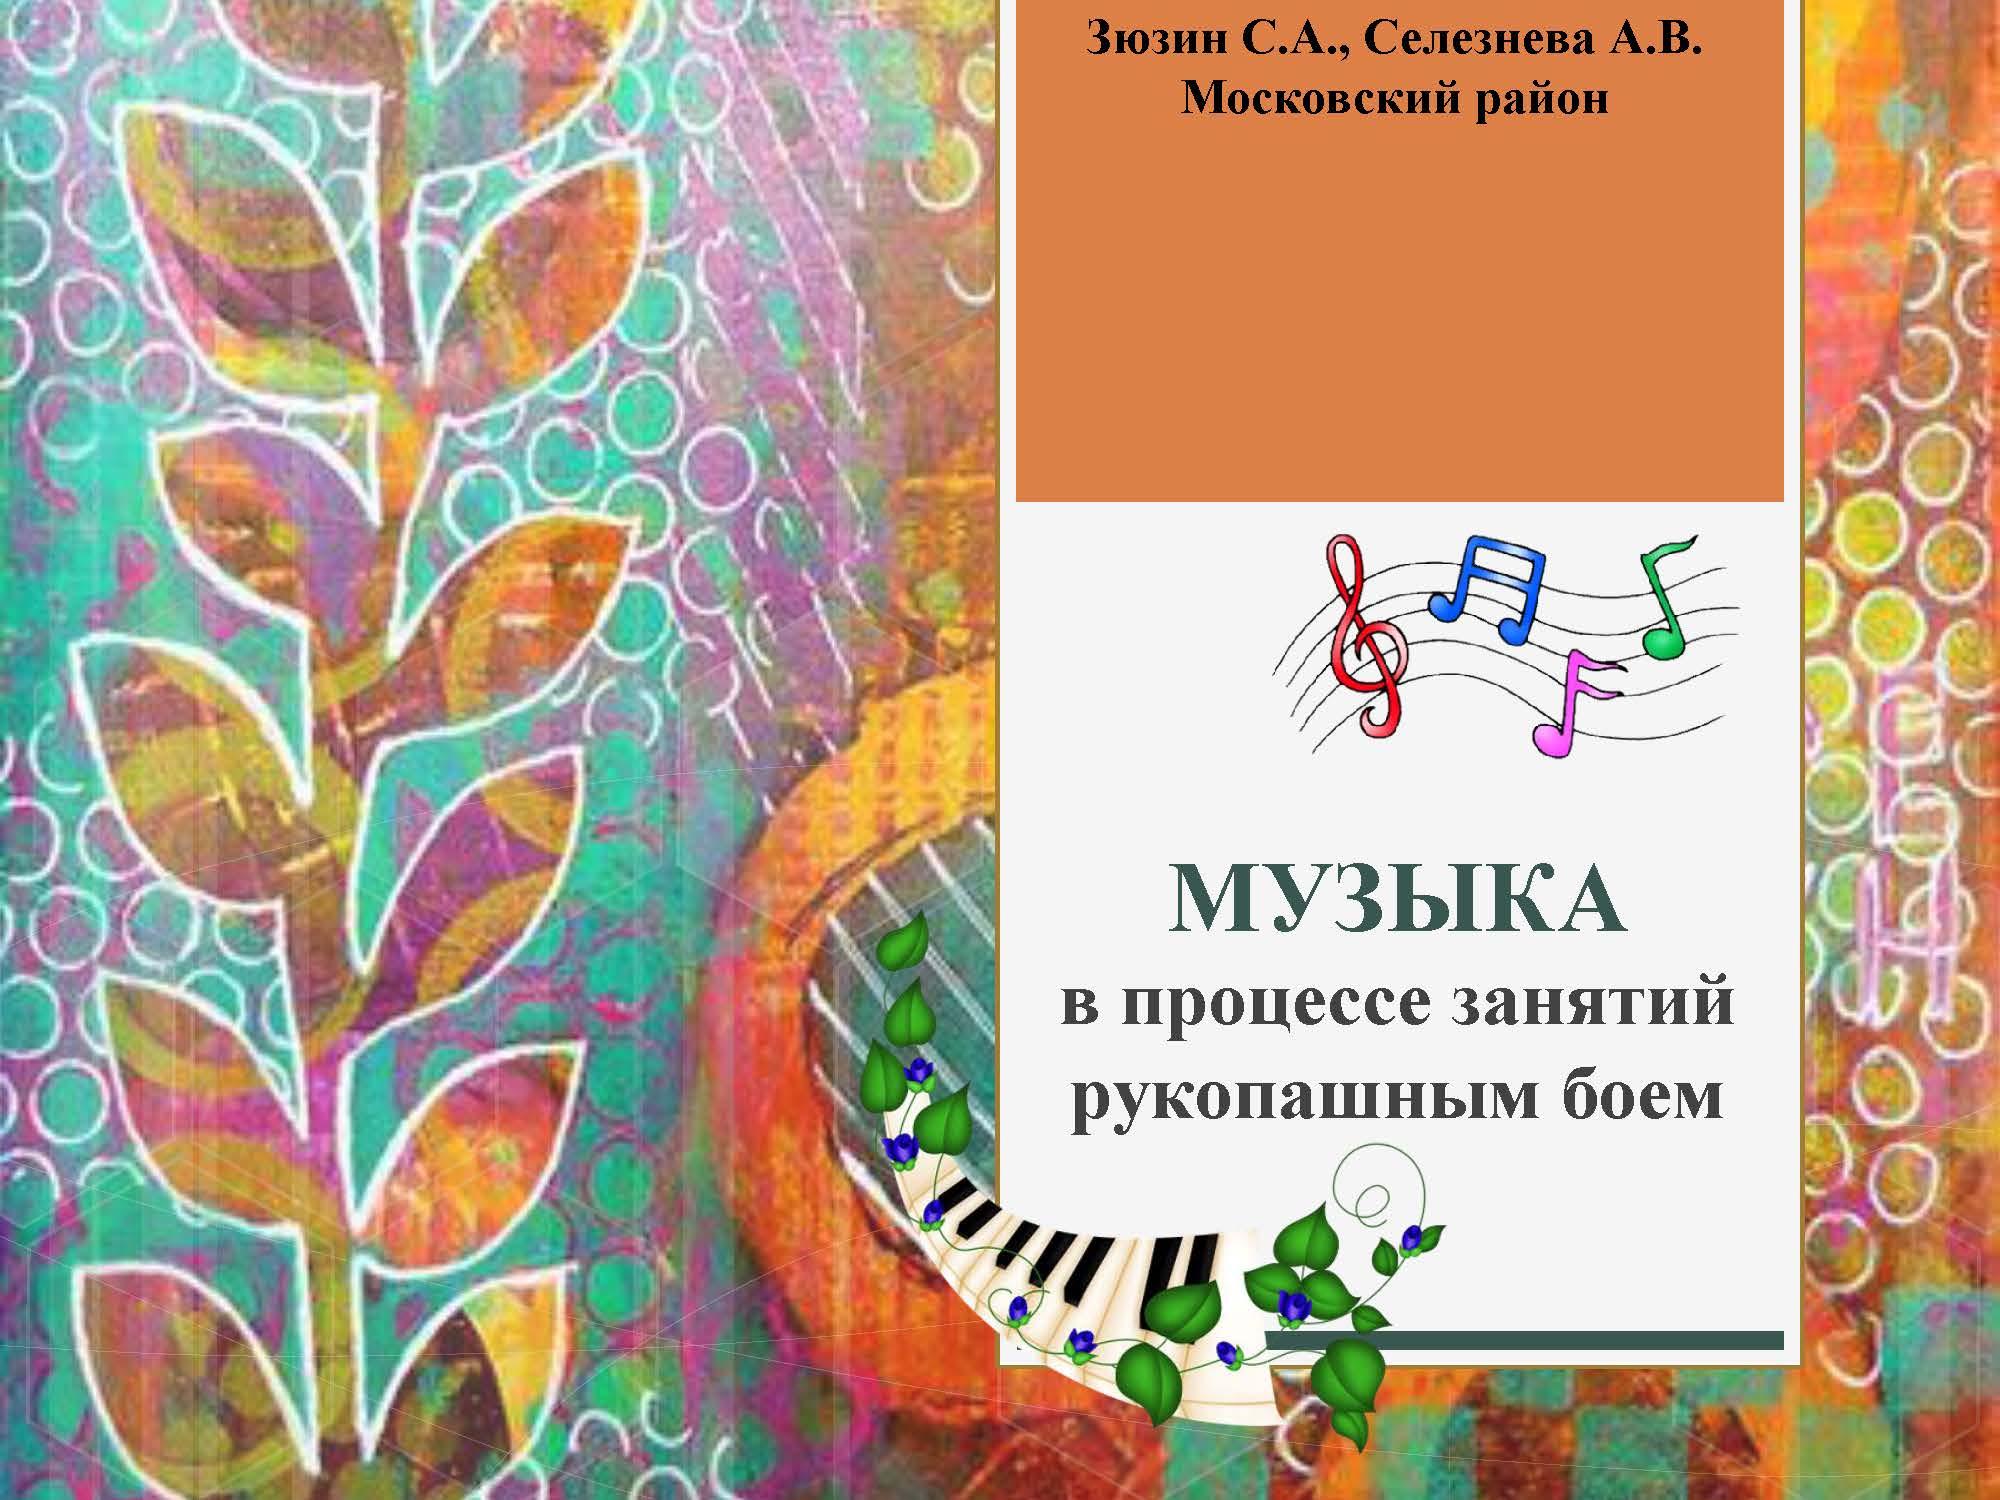 секция 8. ГБОУ 495. Московский район_Страница_19